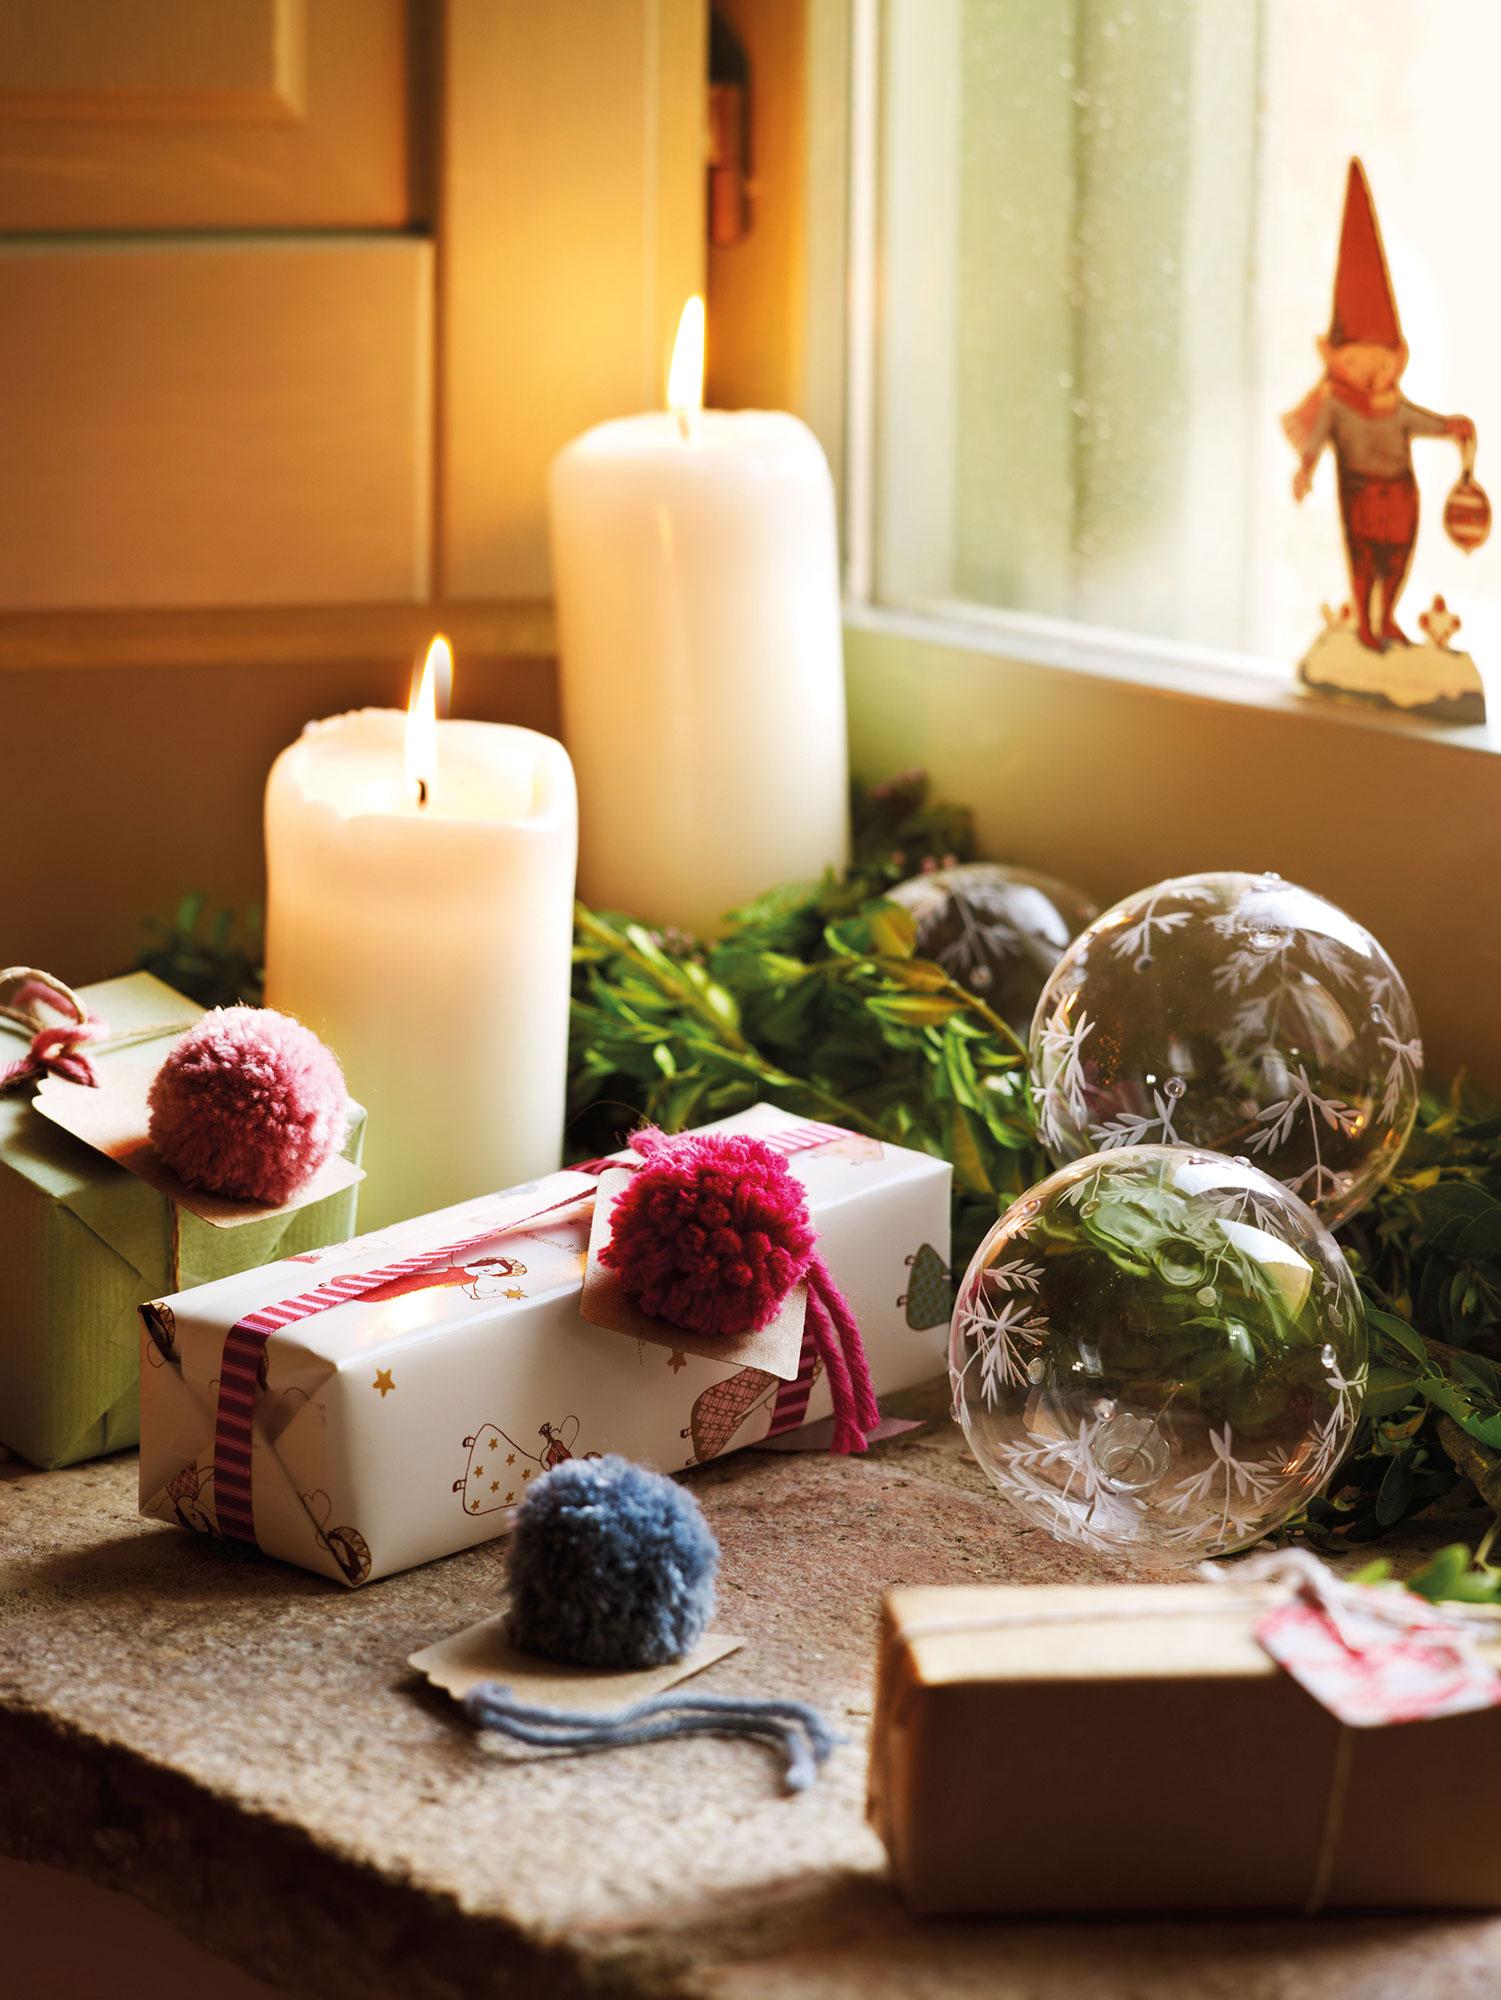 Detalle de regalos de Navidad decorados con pompones de lana